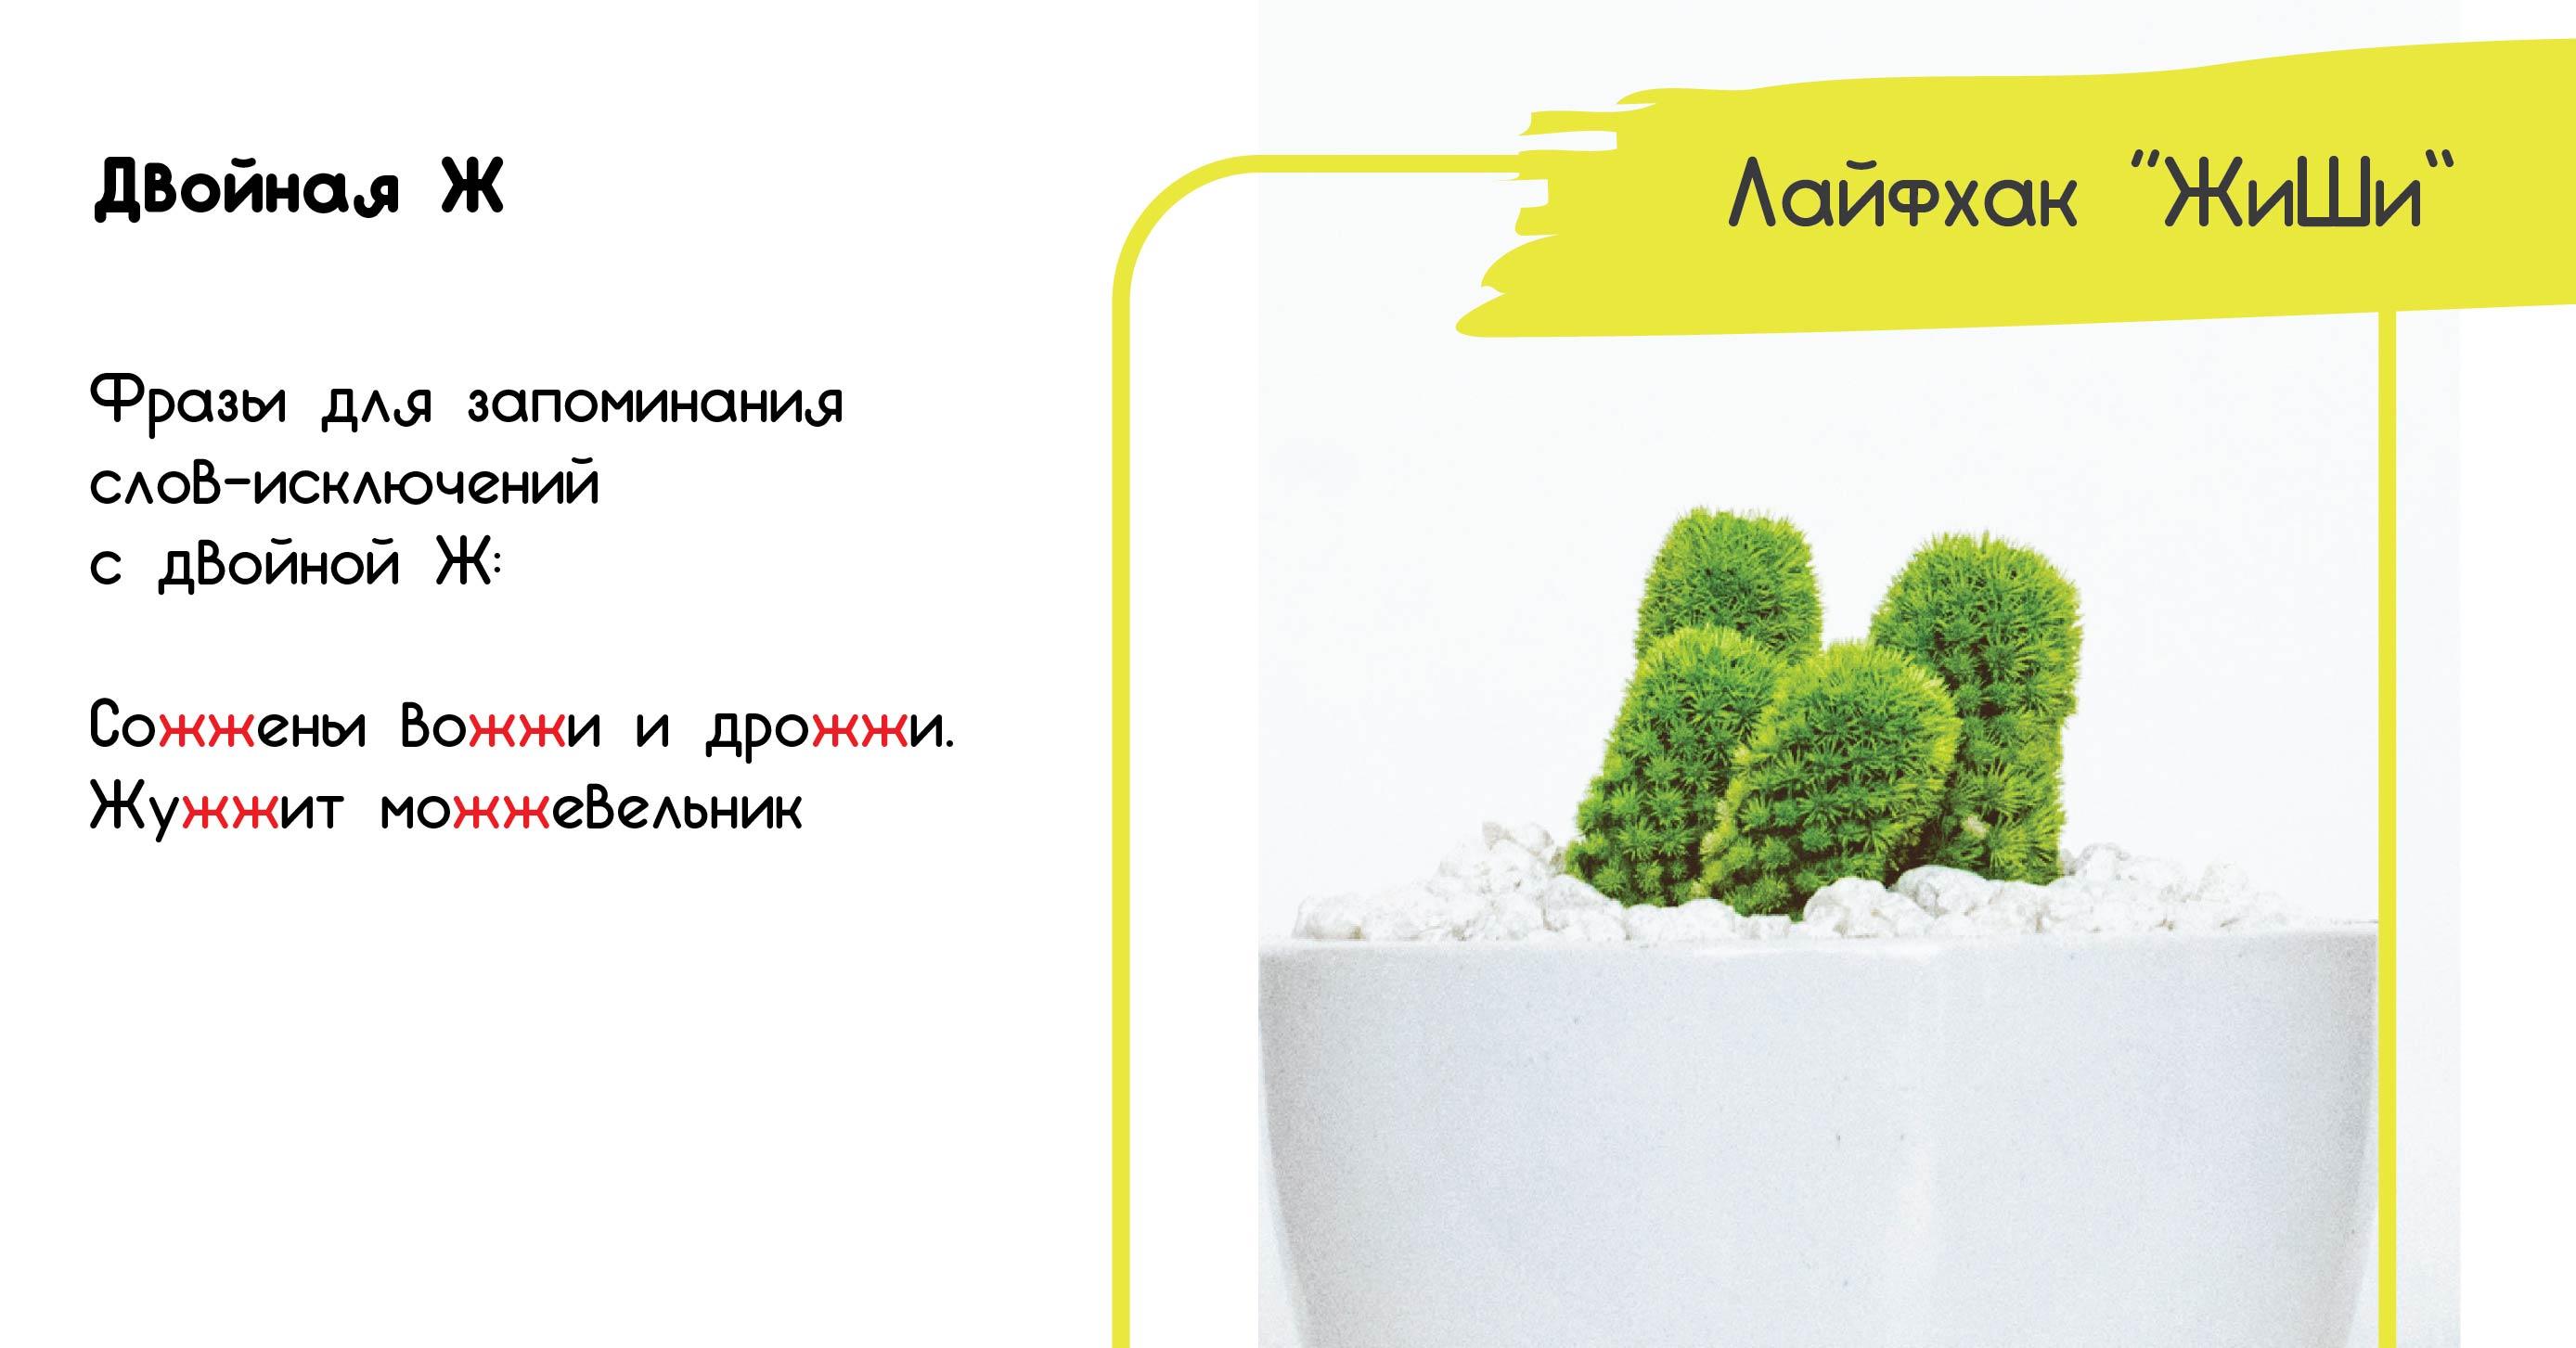 картинка можжевельник правила русского